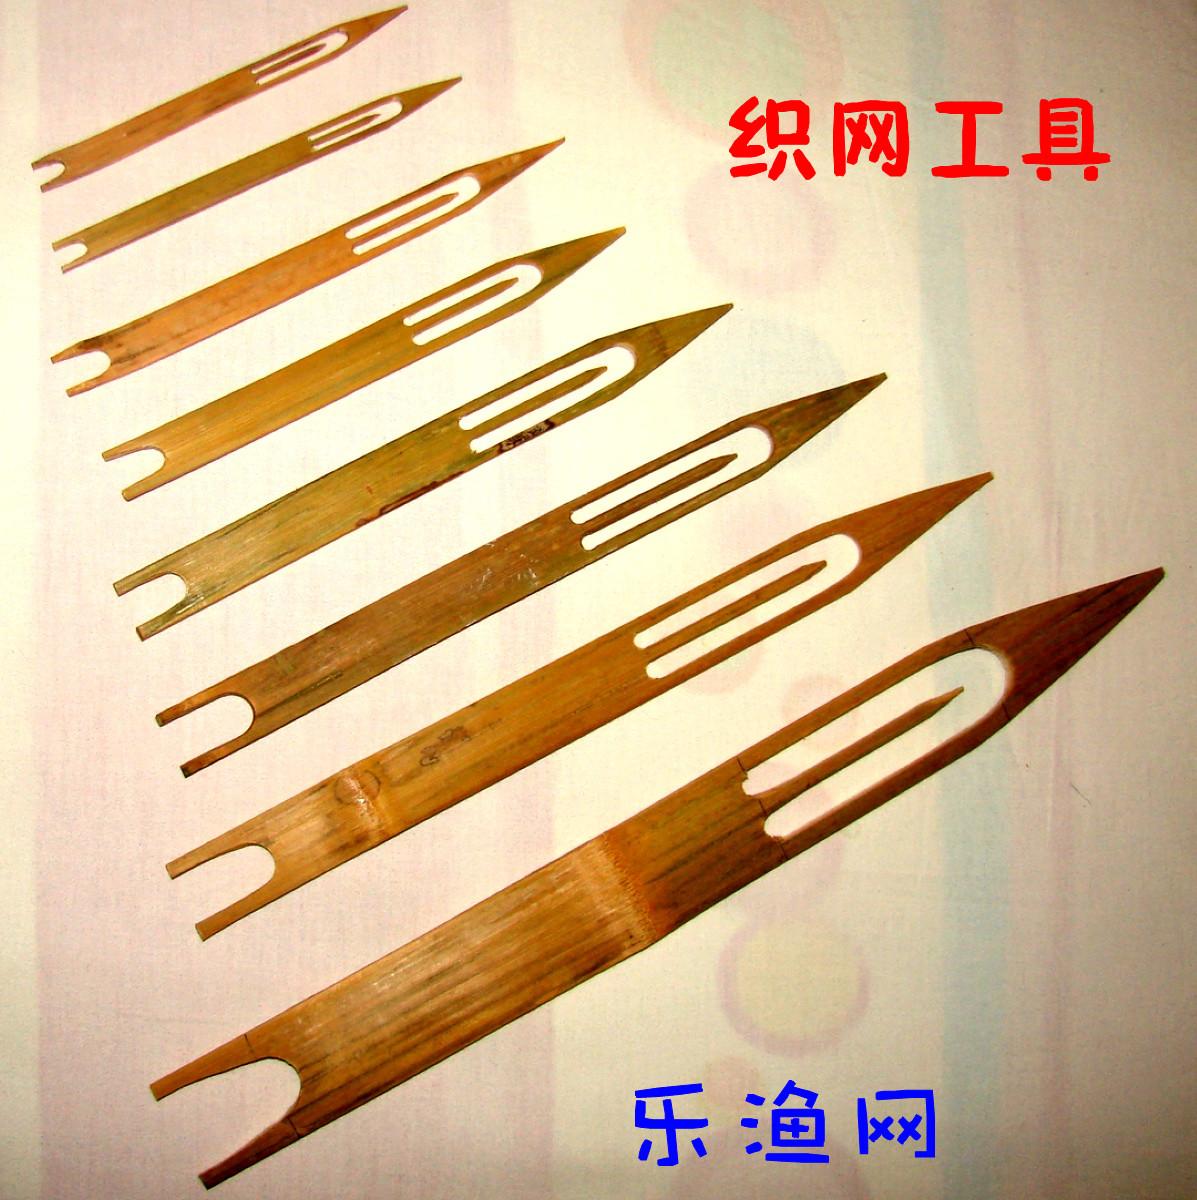 Заказать челнок для вязания сетей